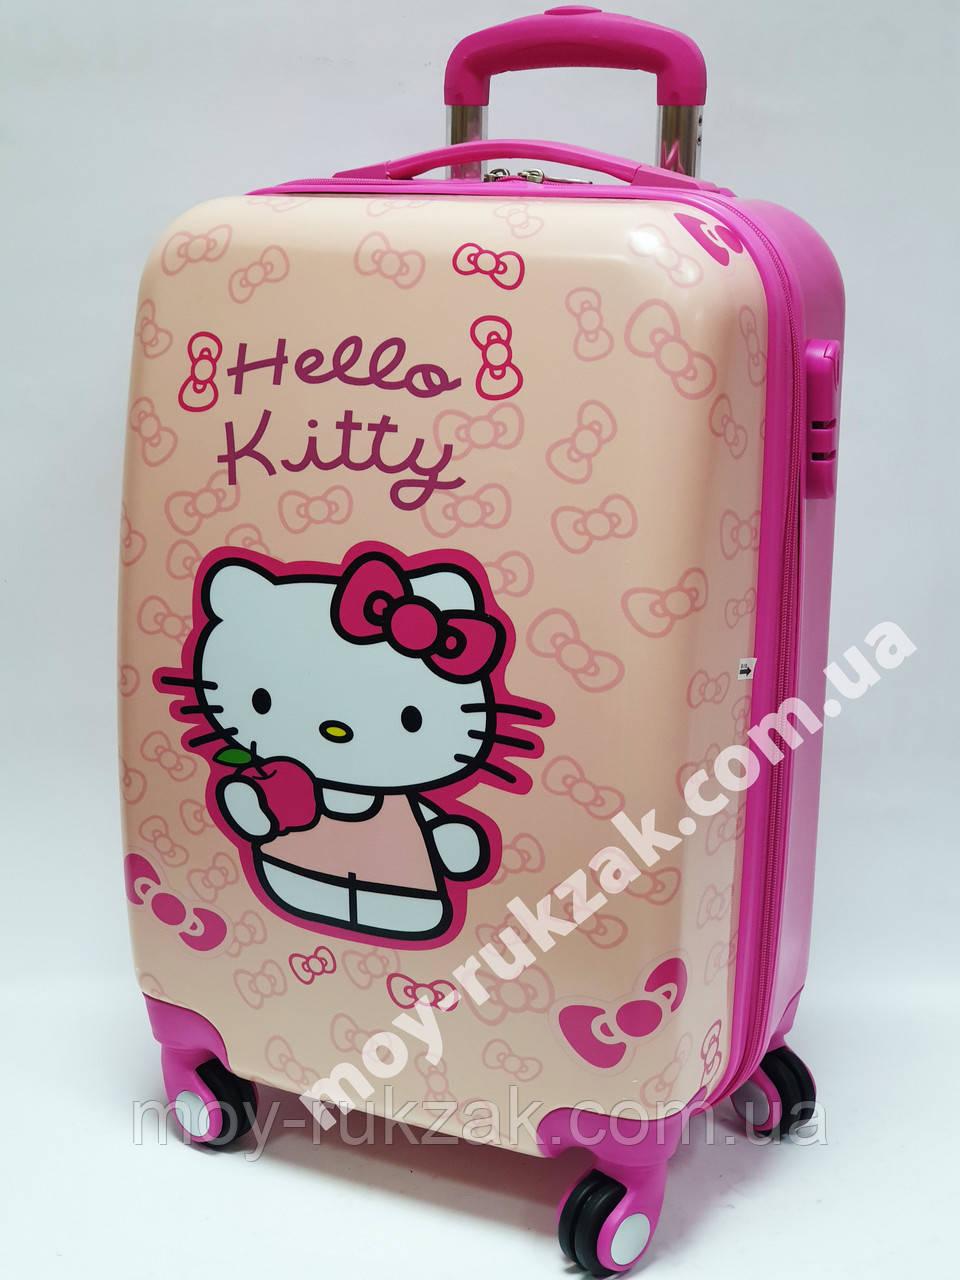 """Детский чемодан дорожный 20"""" «Josef Otten» Хелло Китти - 12, кодовый замок 520434"""